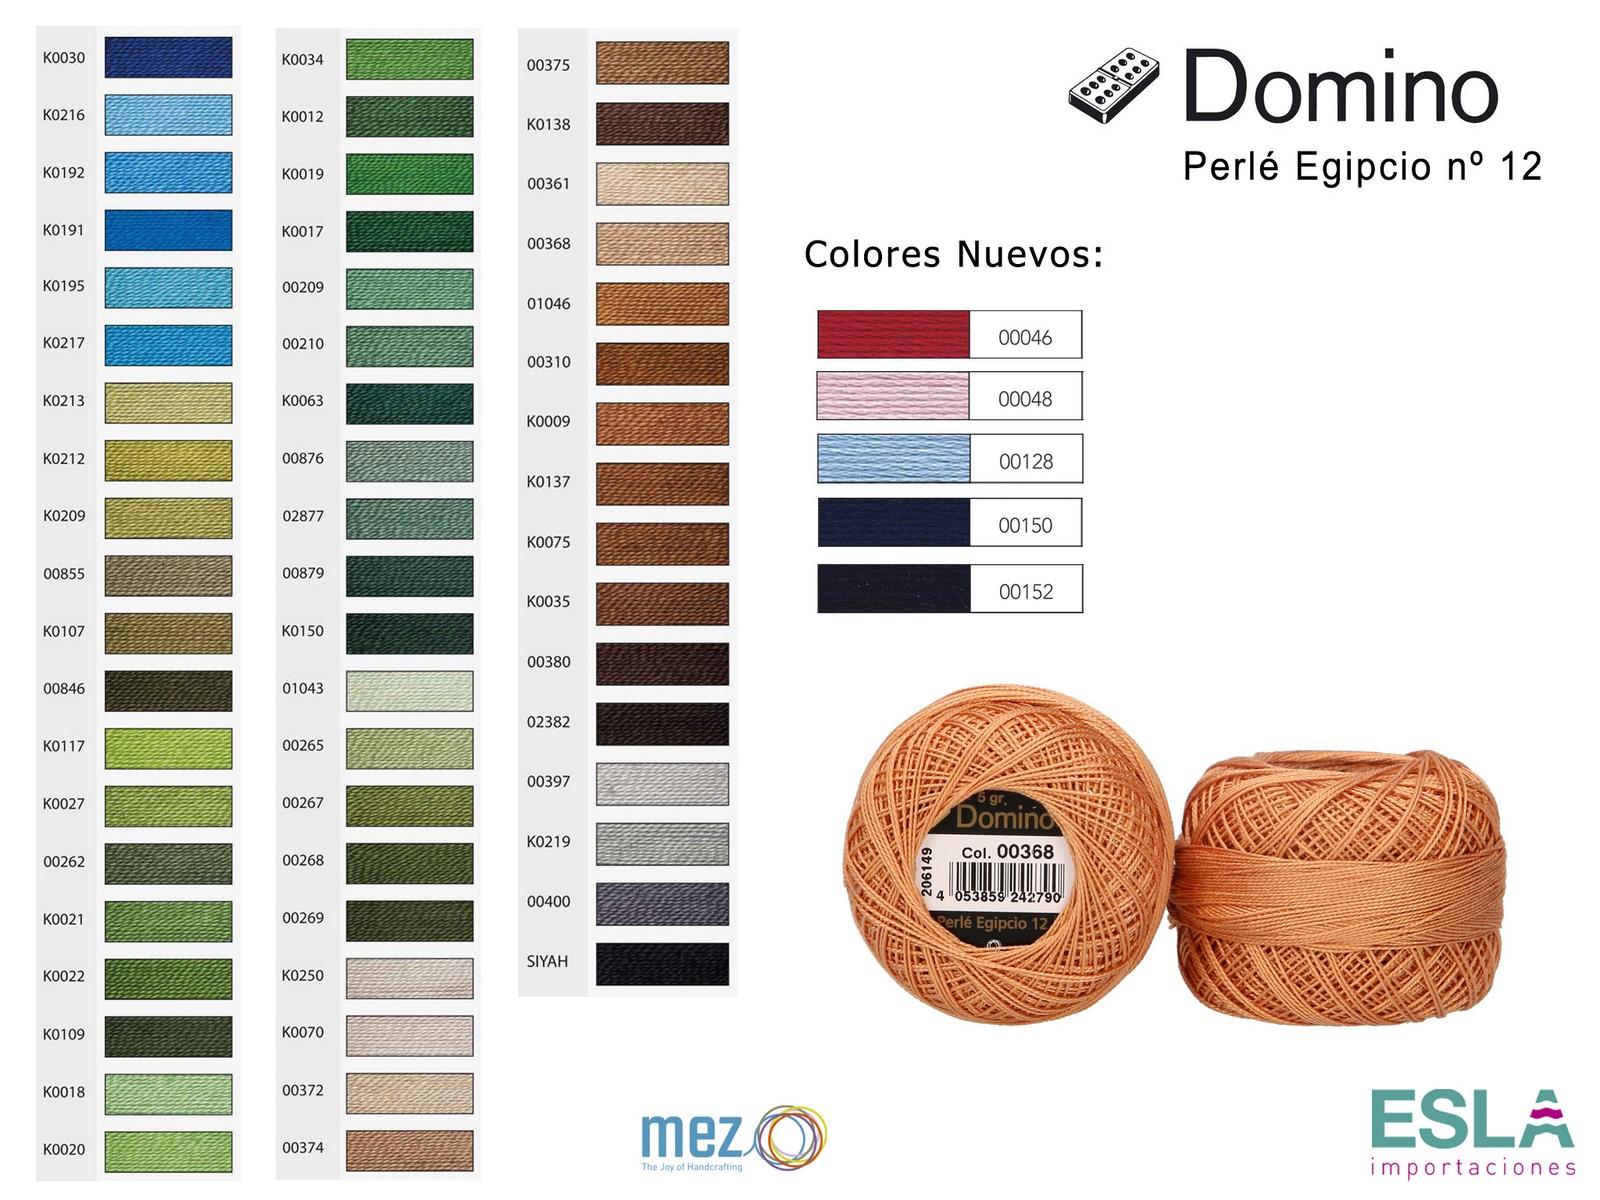 DOMINO PERLE EGIPCIO2